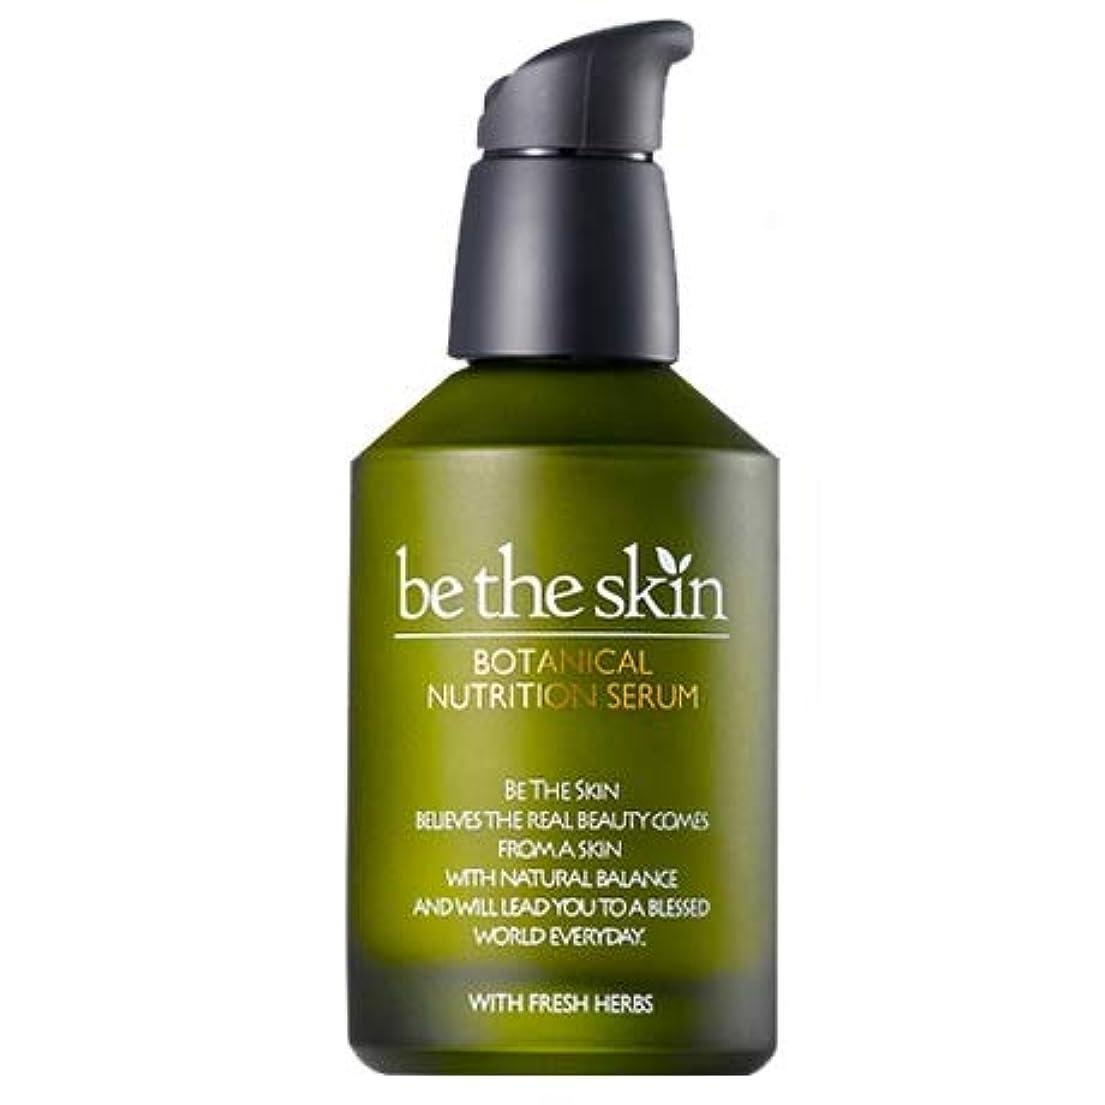 なくなるフォーク到着be the skin ボタニカル ニュートリション セラム / Botanical Nutrition Serum (50ml) [並行輸入品]